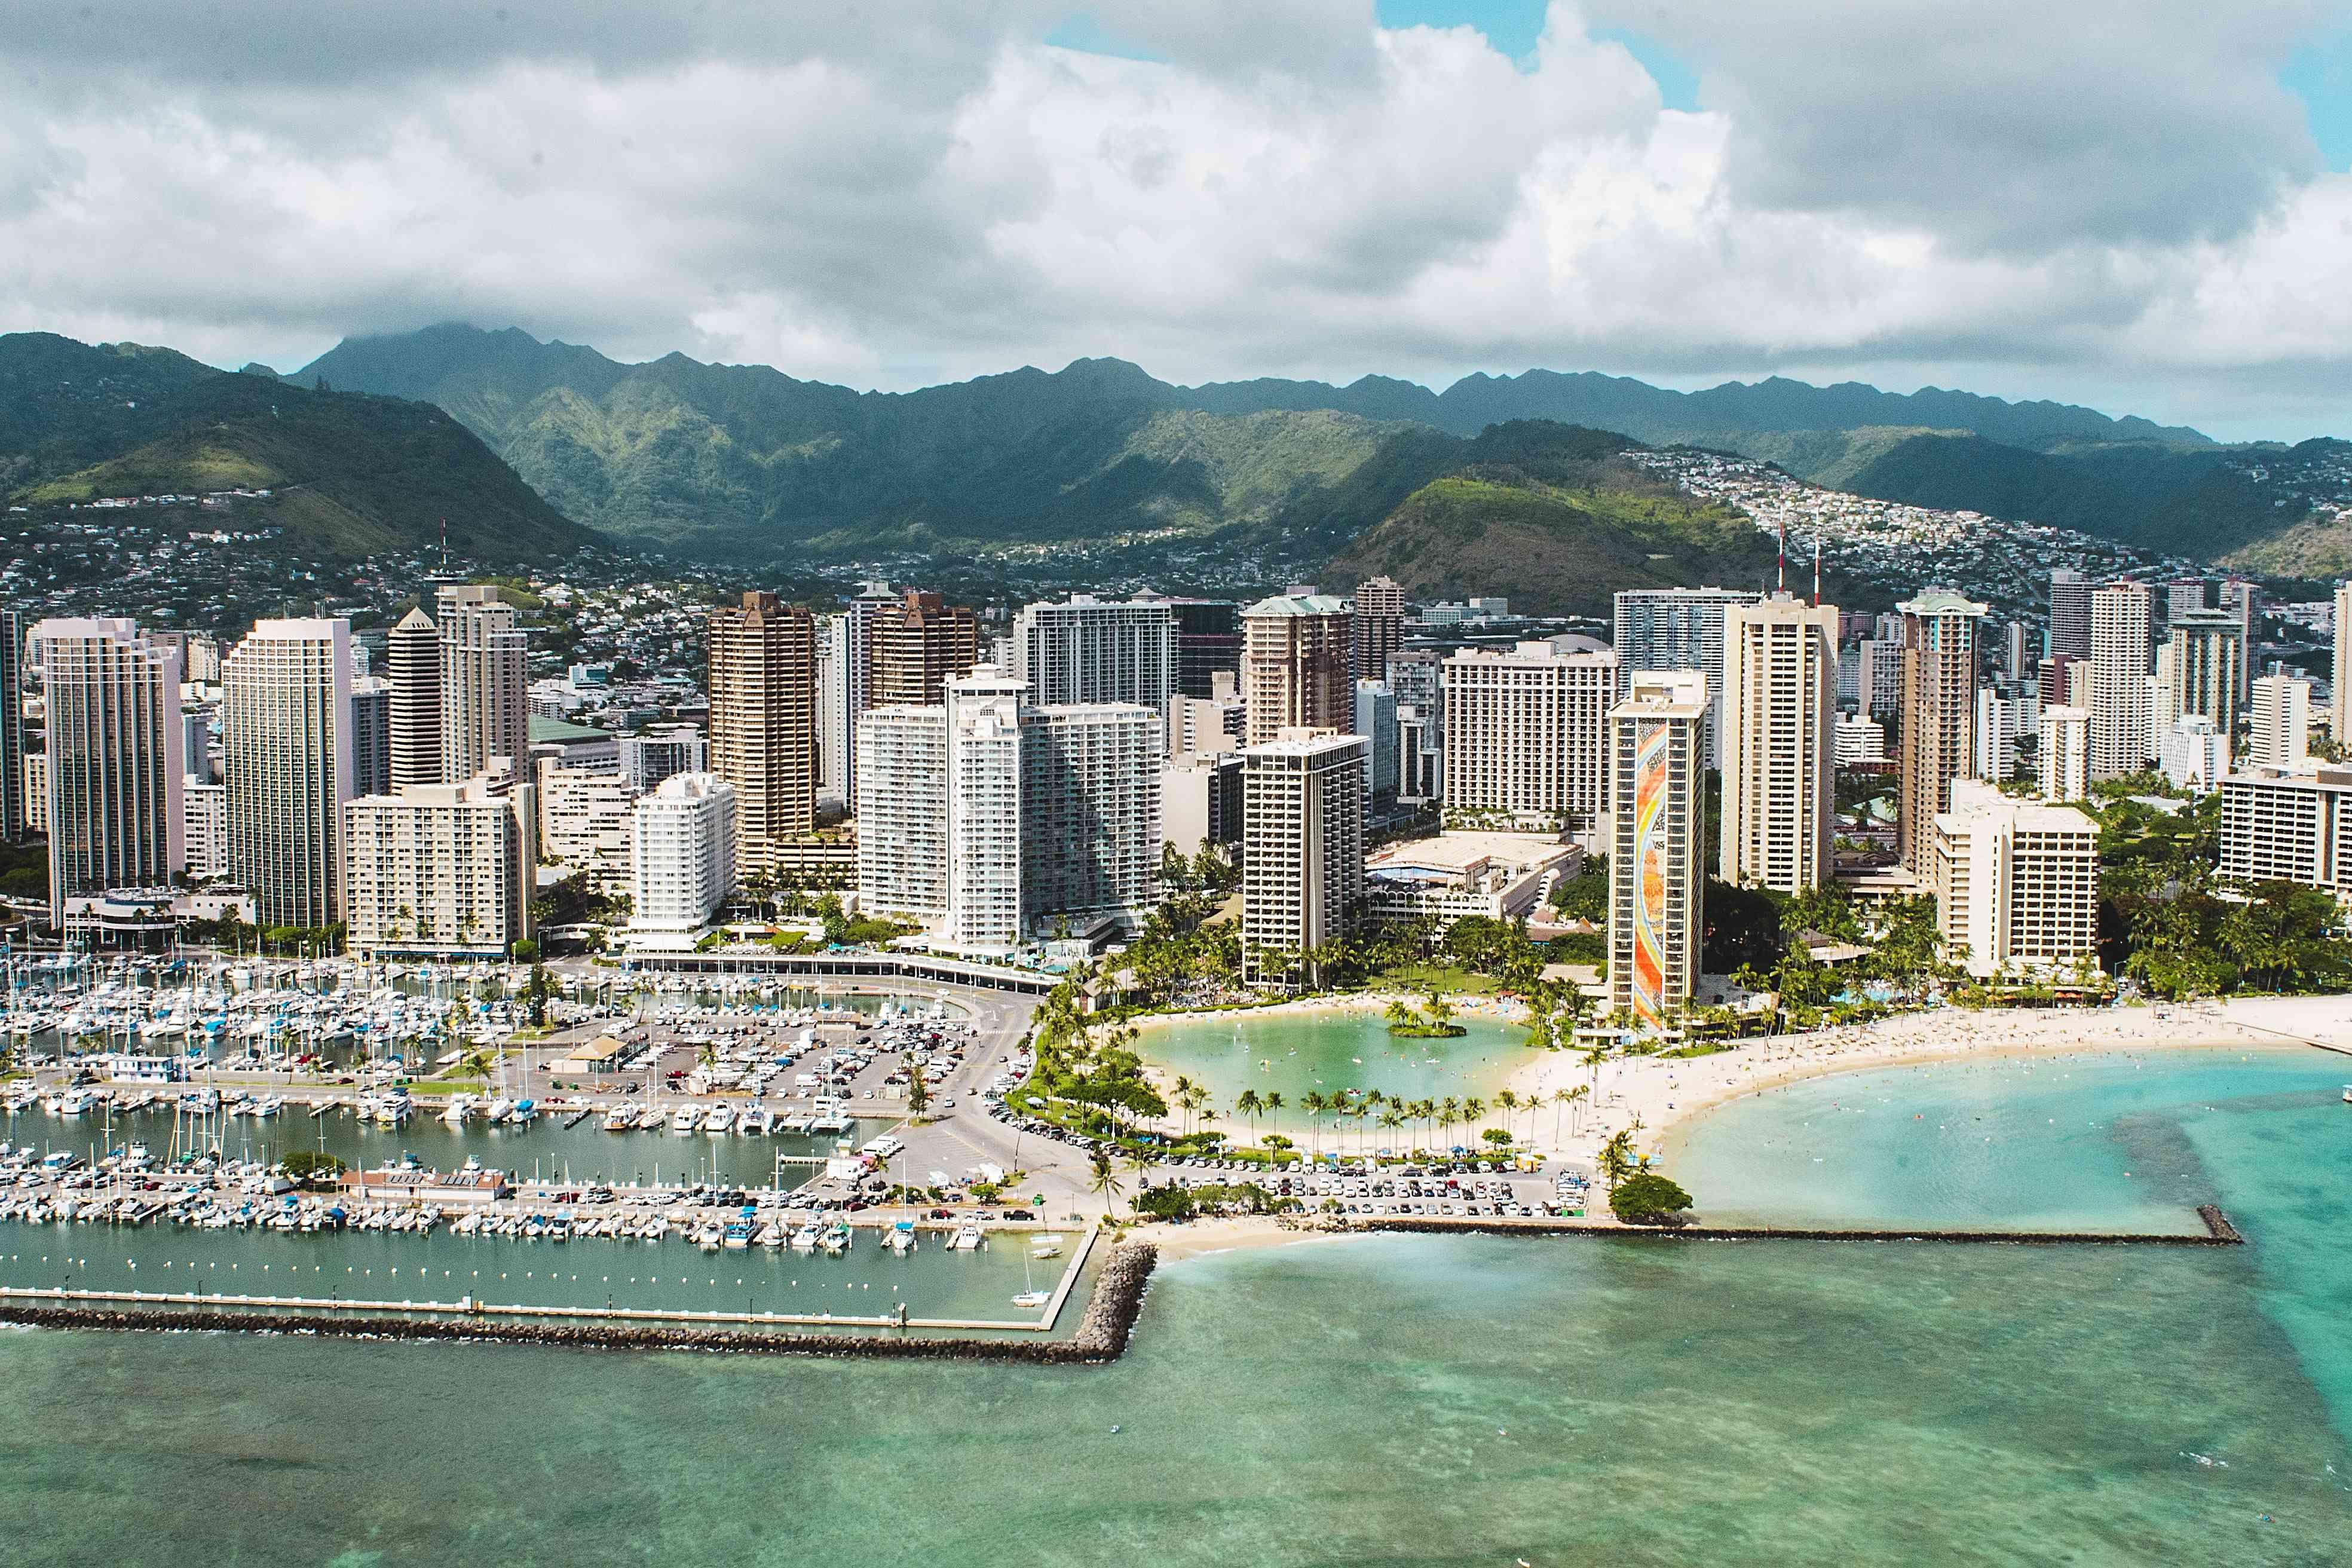 Aerial view of Waikiki skyline